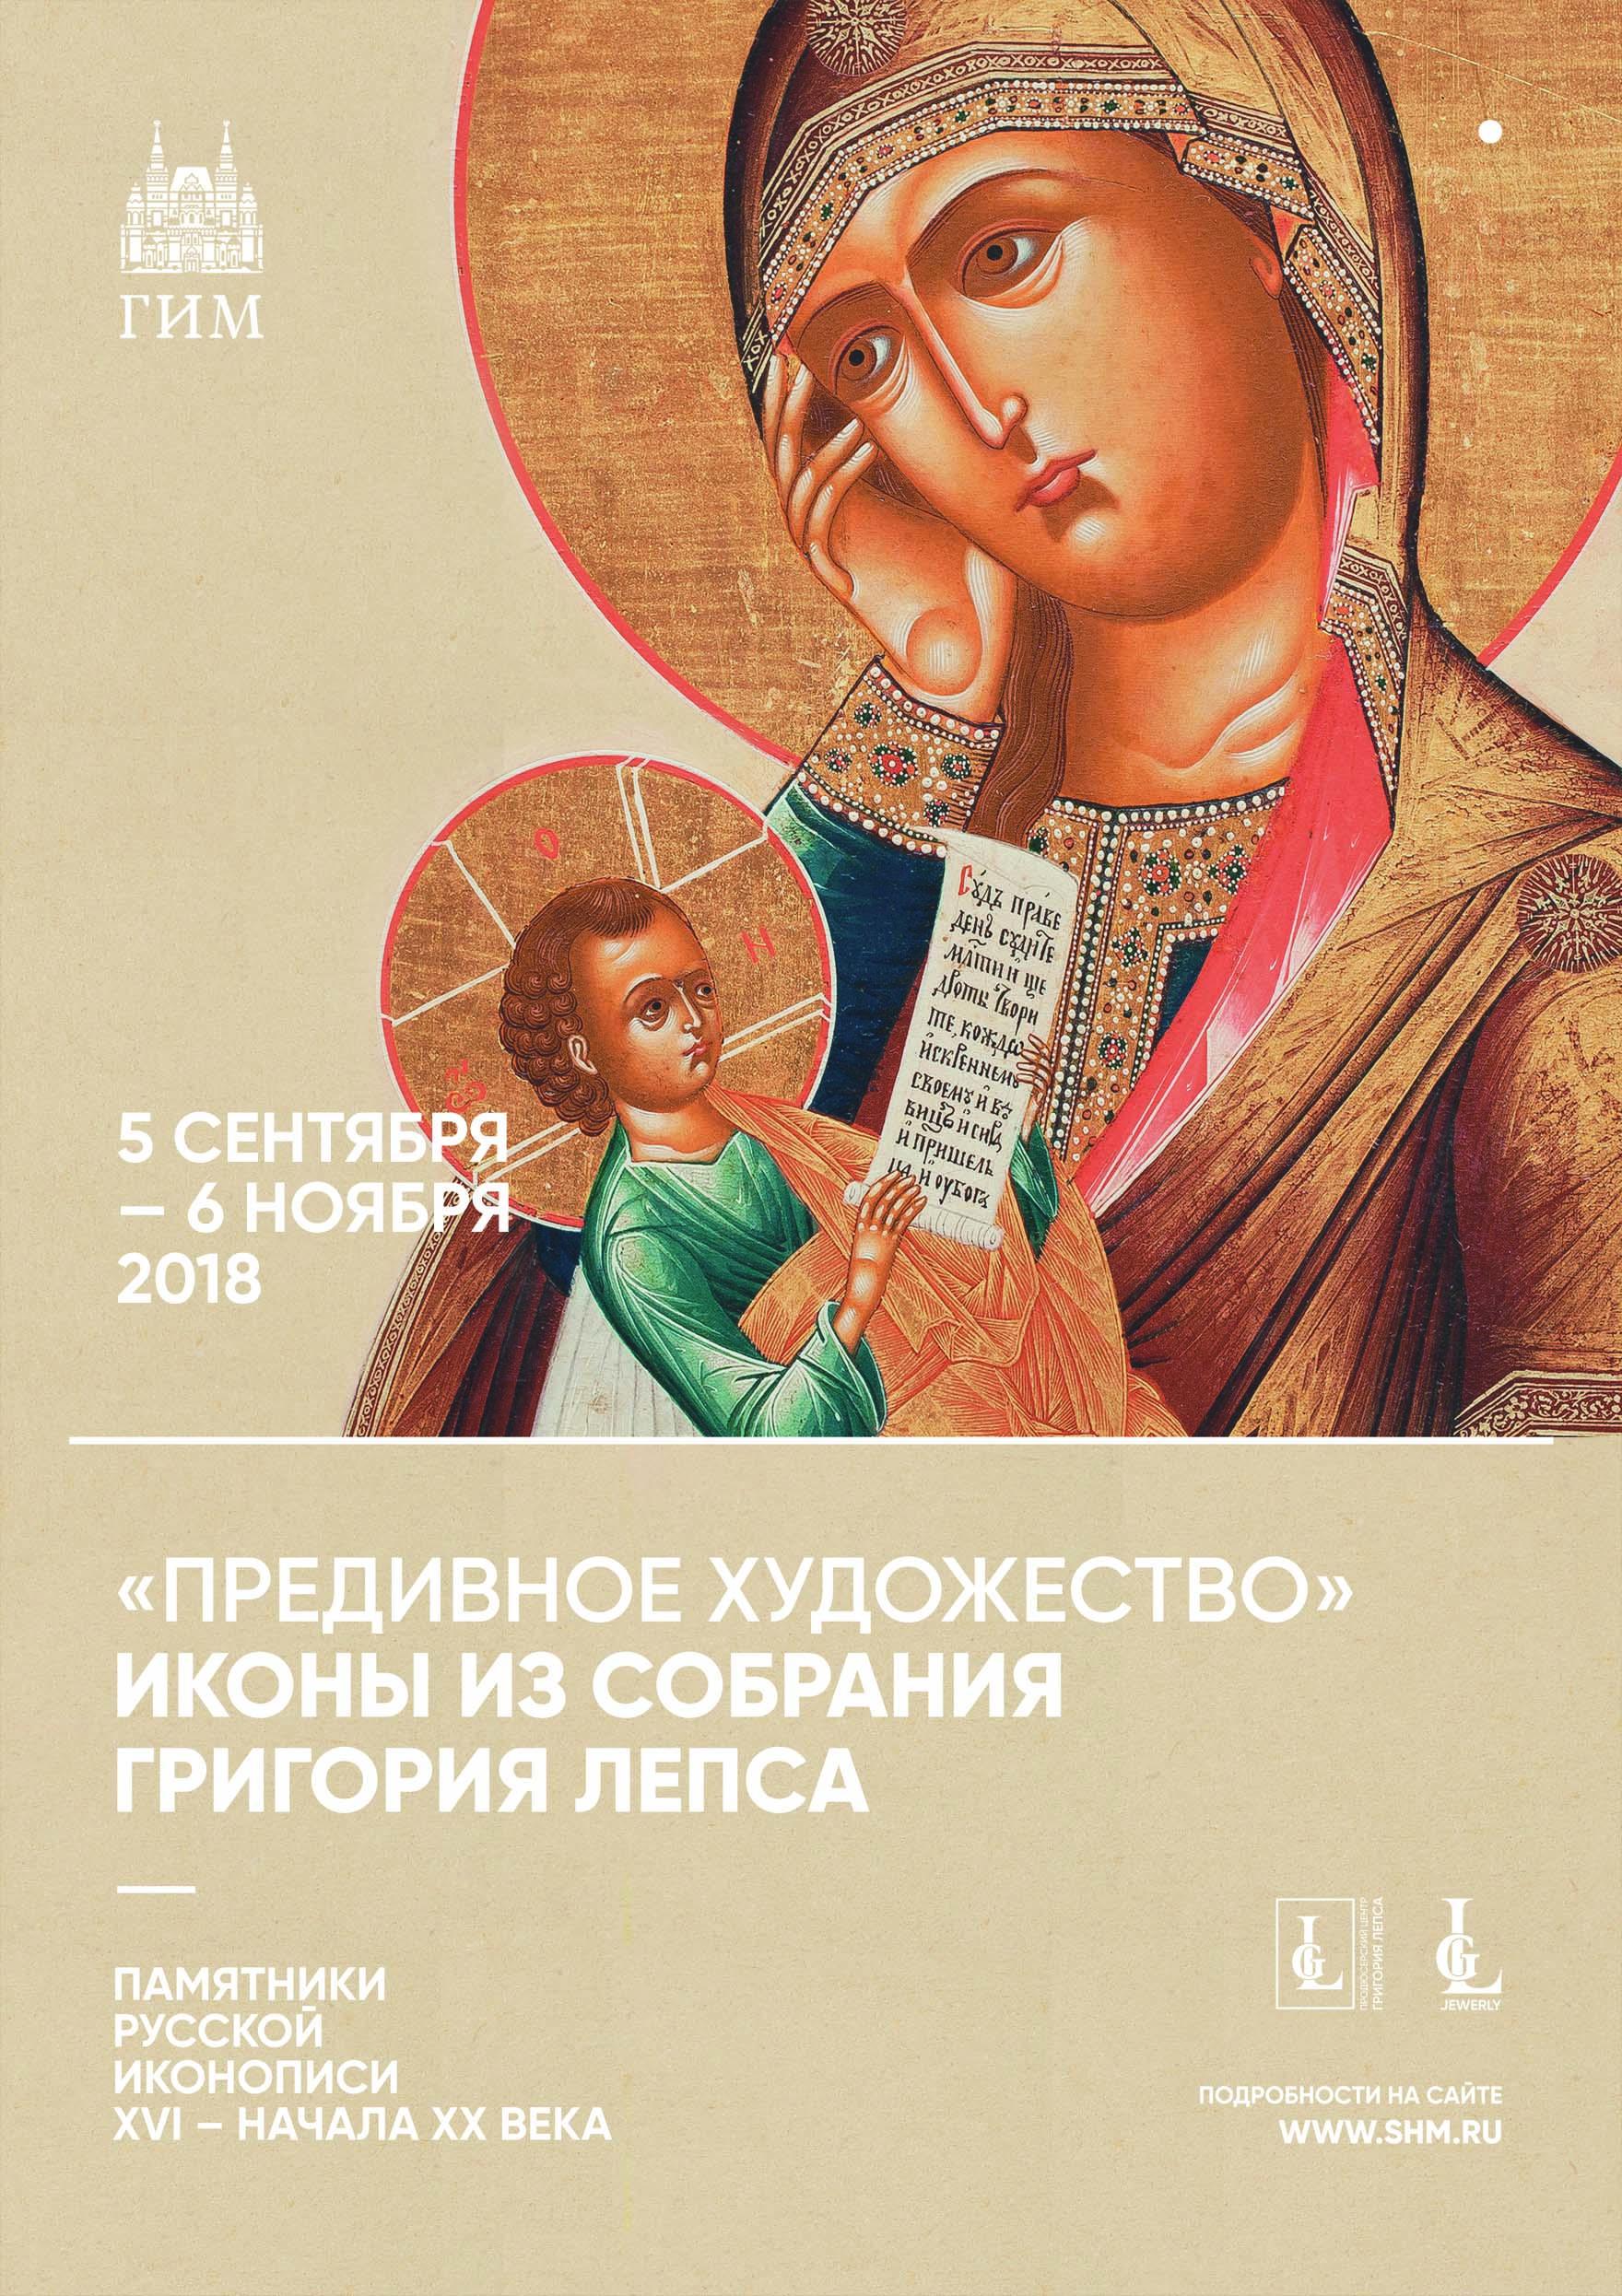 Выставка «Предивное художество» – события на сайте «Московские Сезоны»